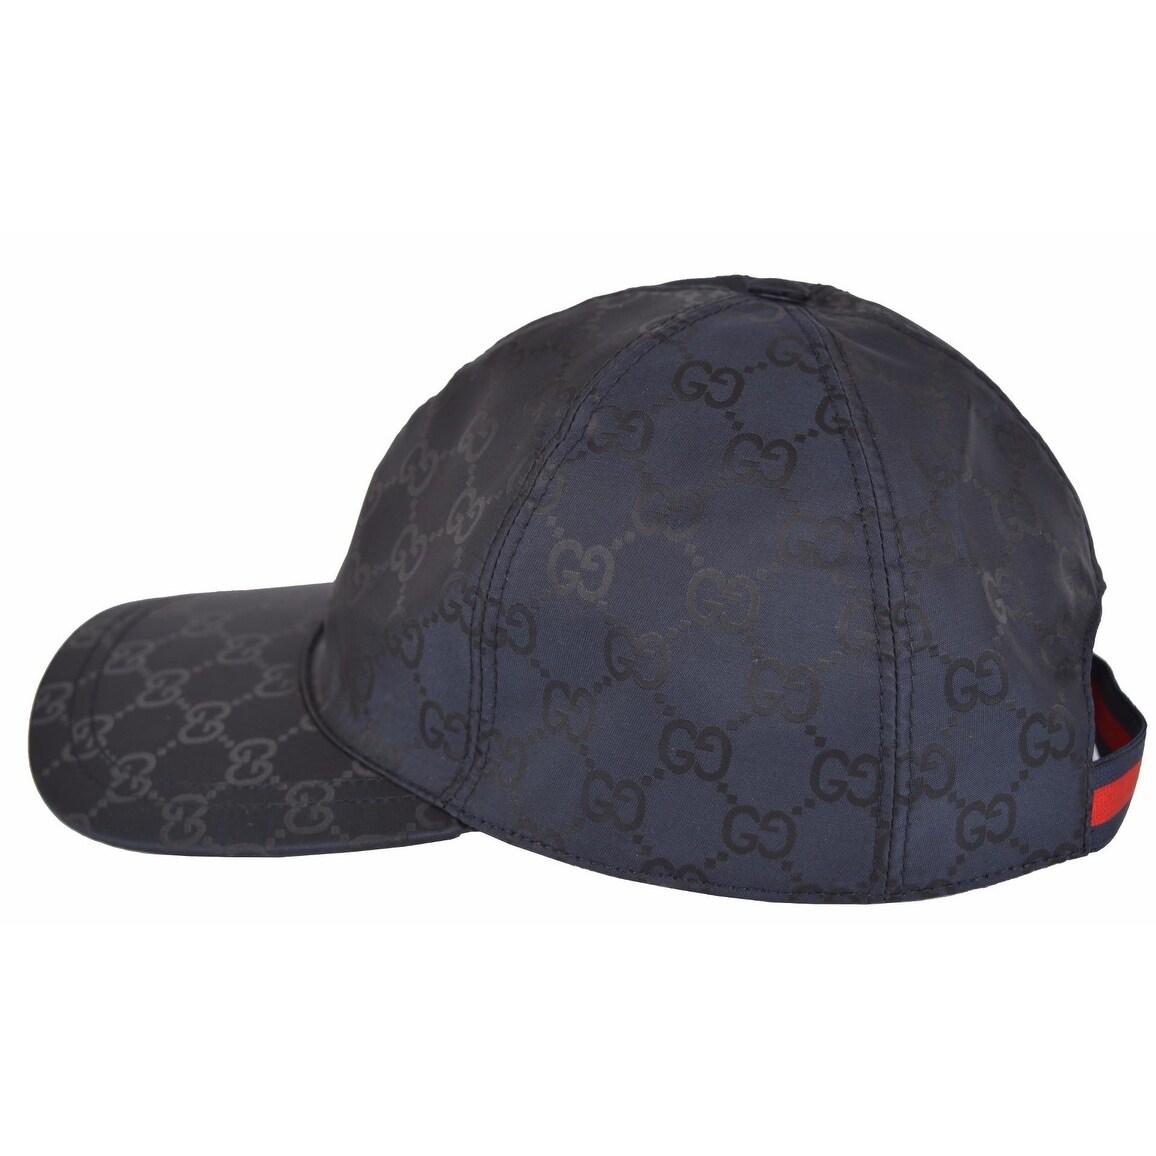 2cddaf86 Gucci Men's 387578 BLUE Nylon GG Guccissima Web Stripe Baseball Cap Hat S